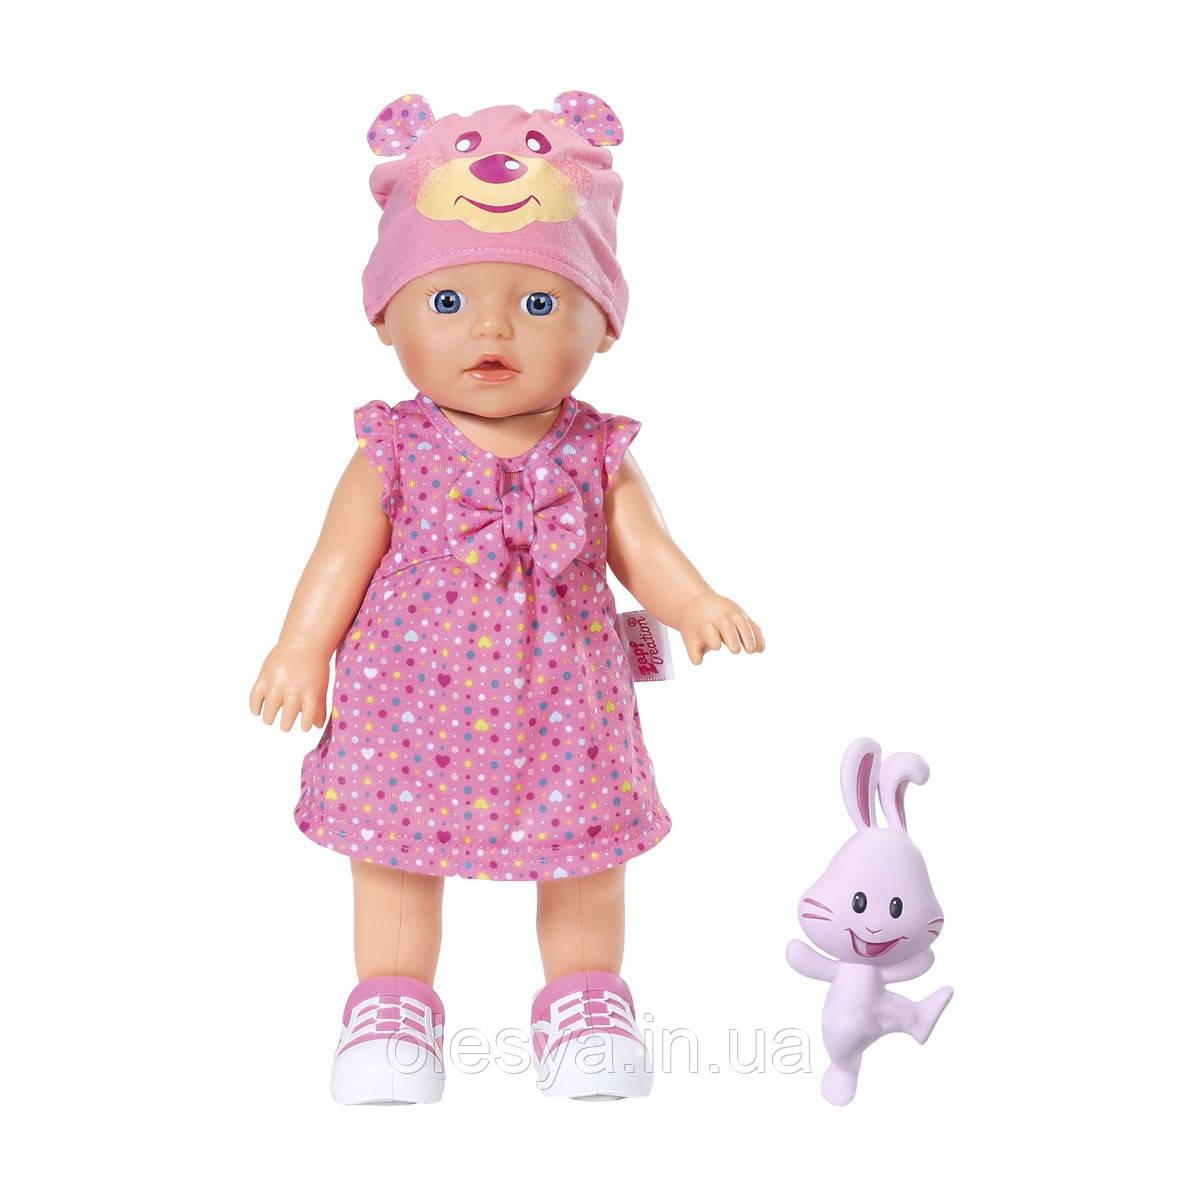 Интерактивная кукла MY LITTLE BABY BORN - УЧИМСЯ ХОДИТЬ- Лучший подарок для девочки